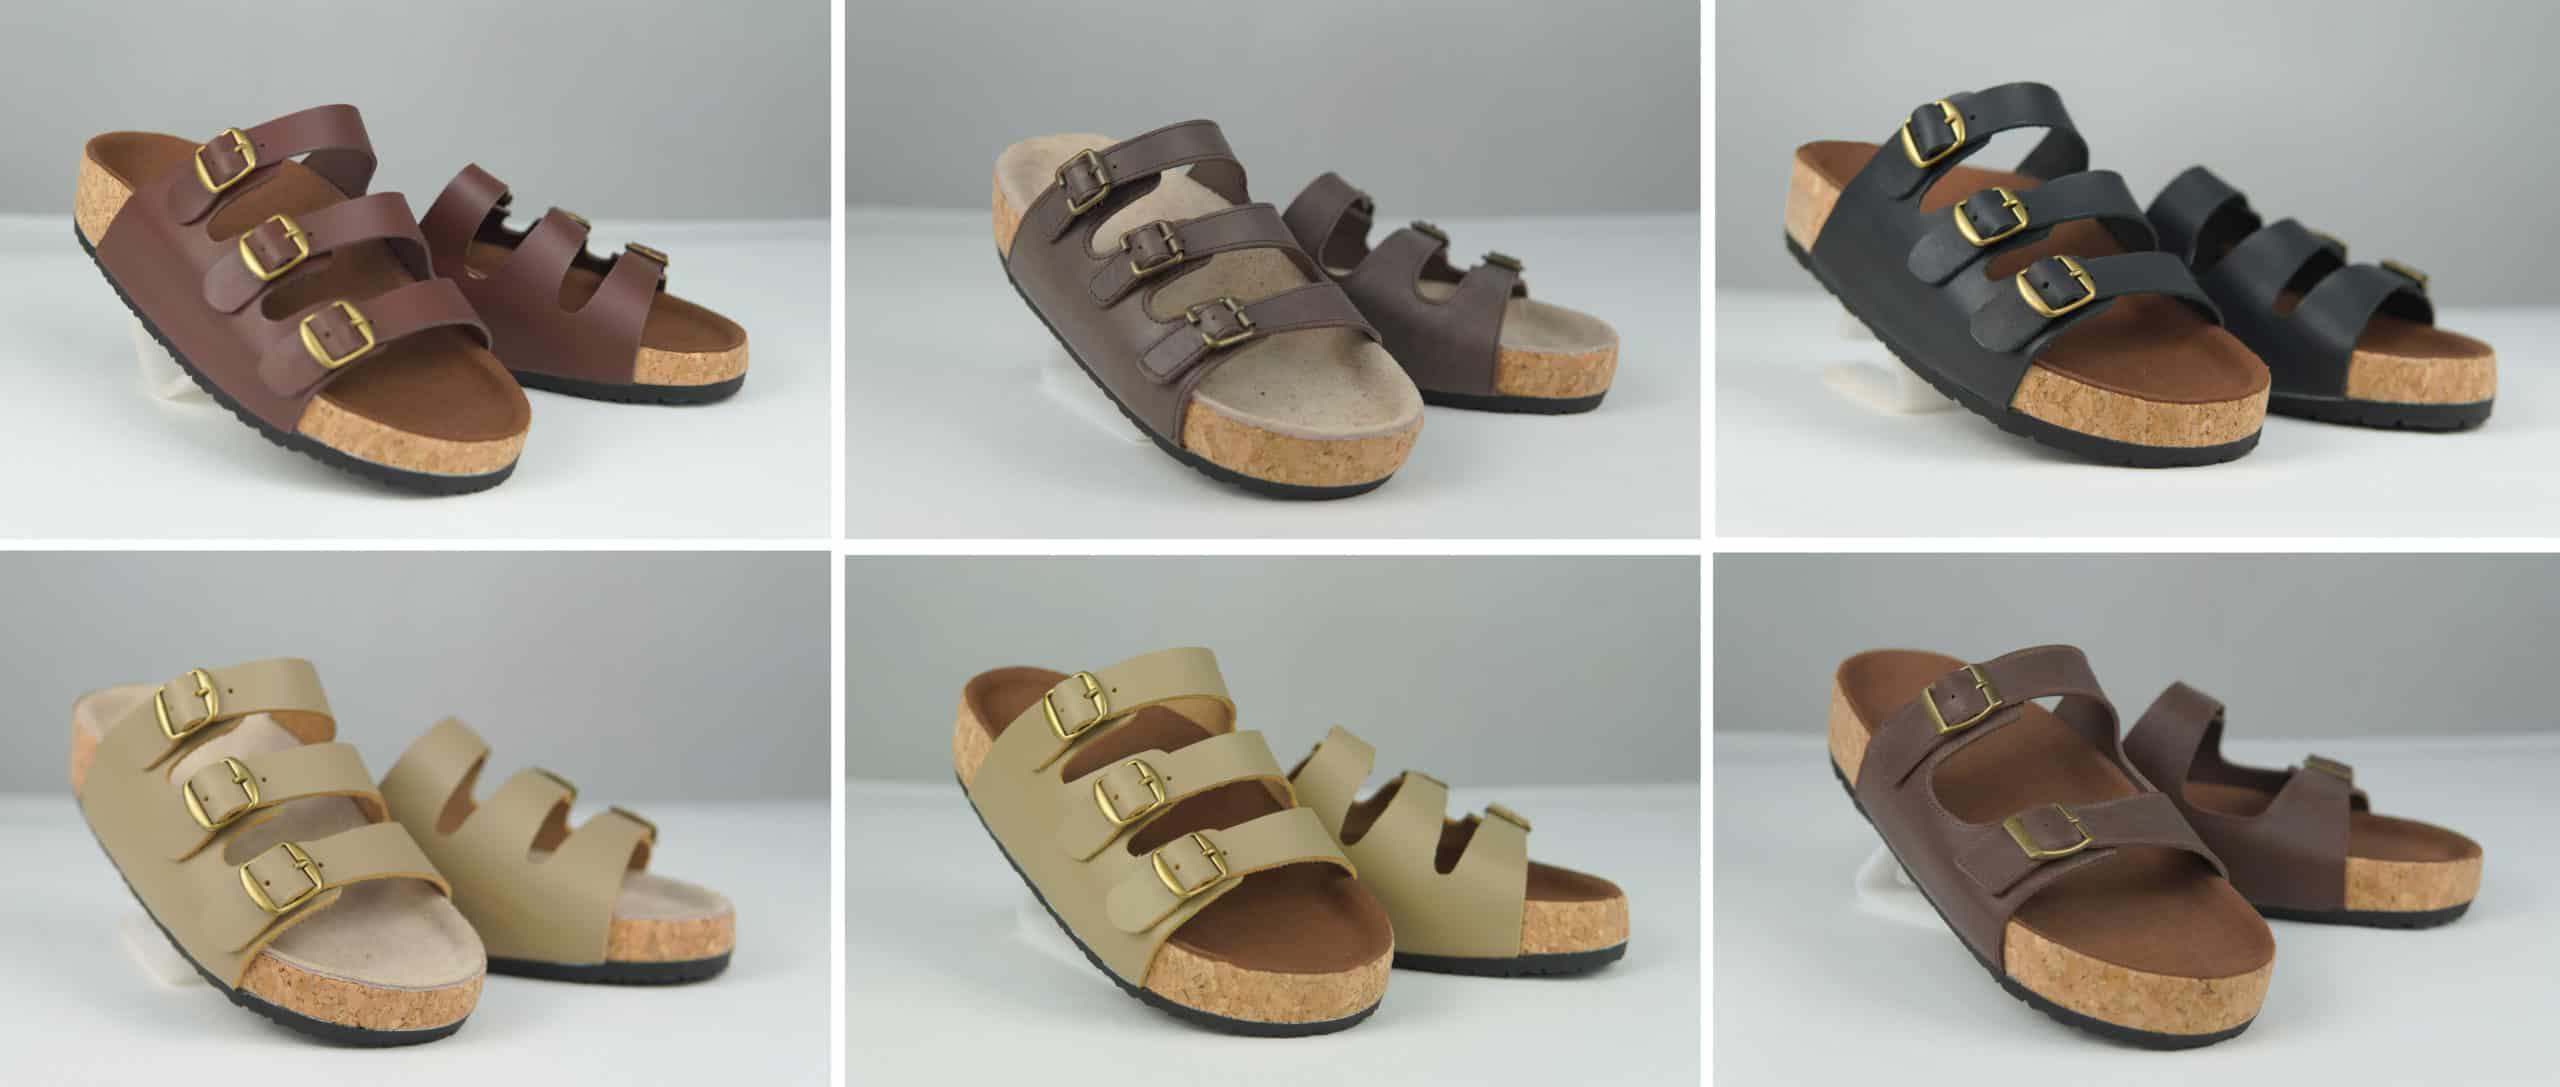 Sandal cad cam